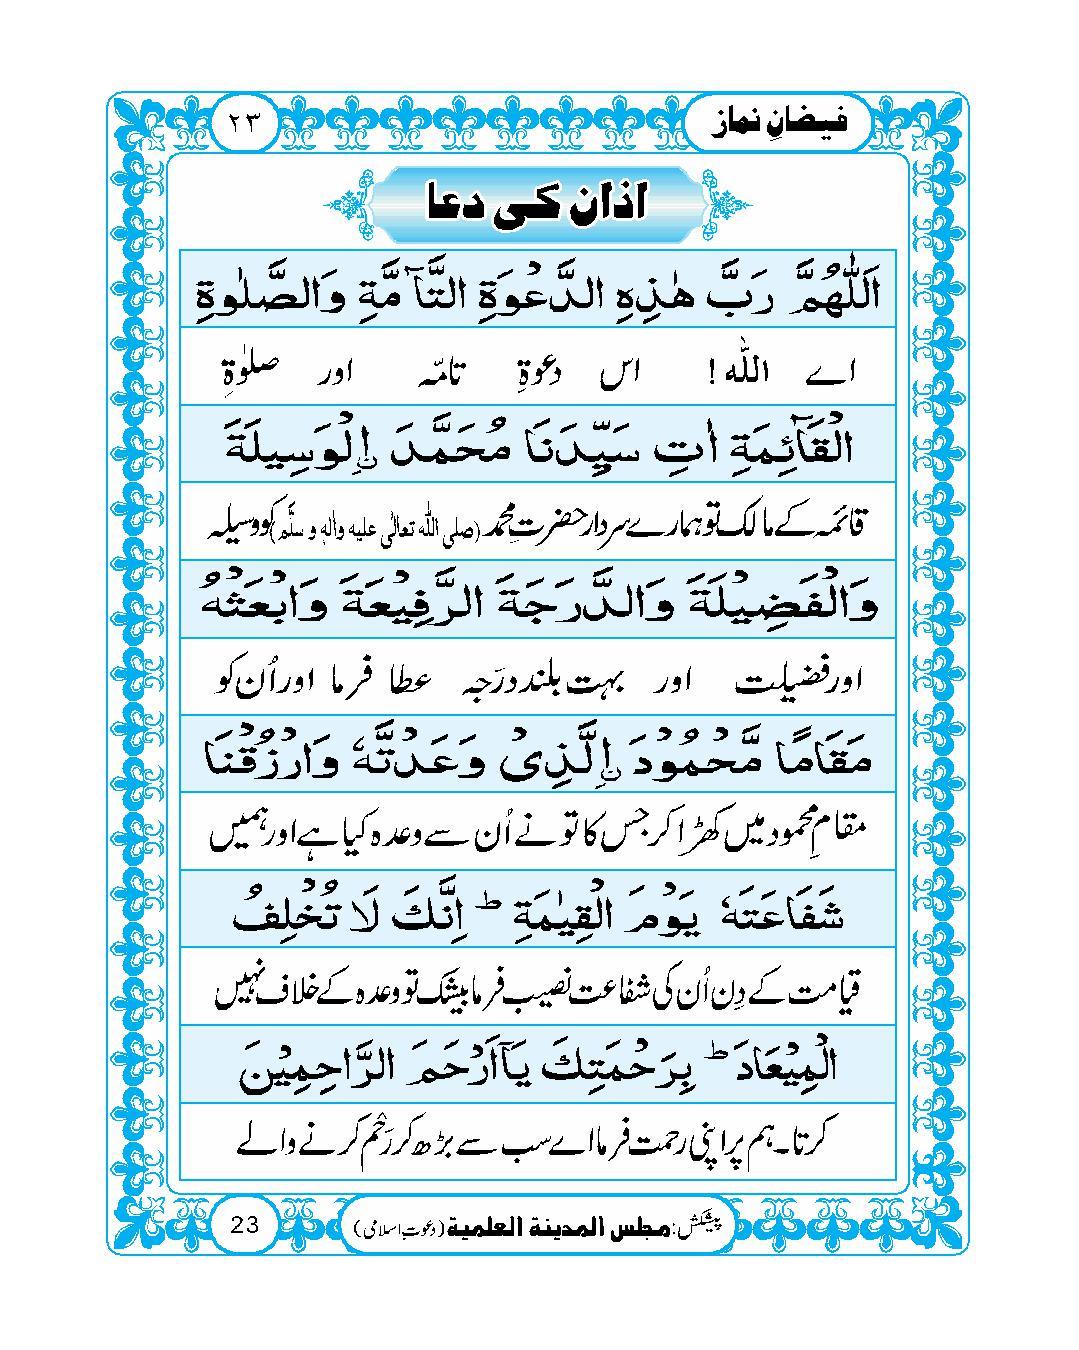 page No 23